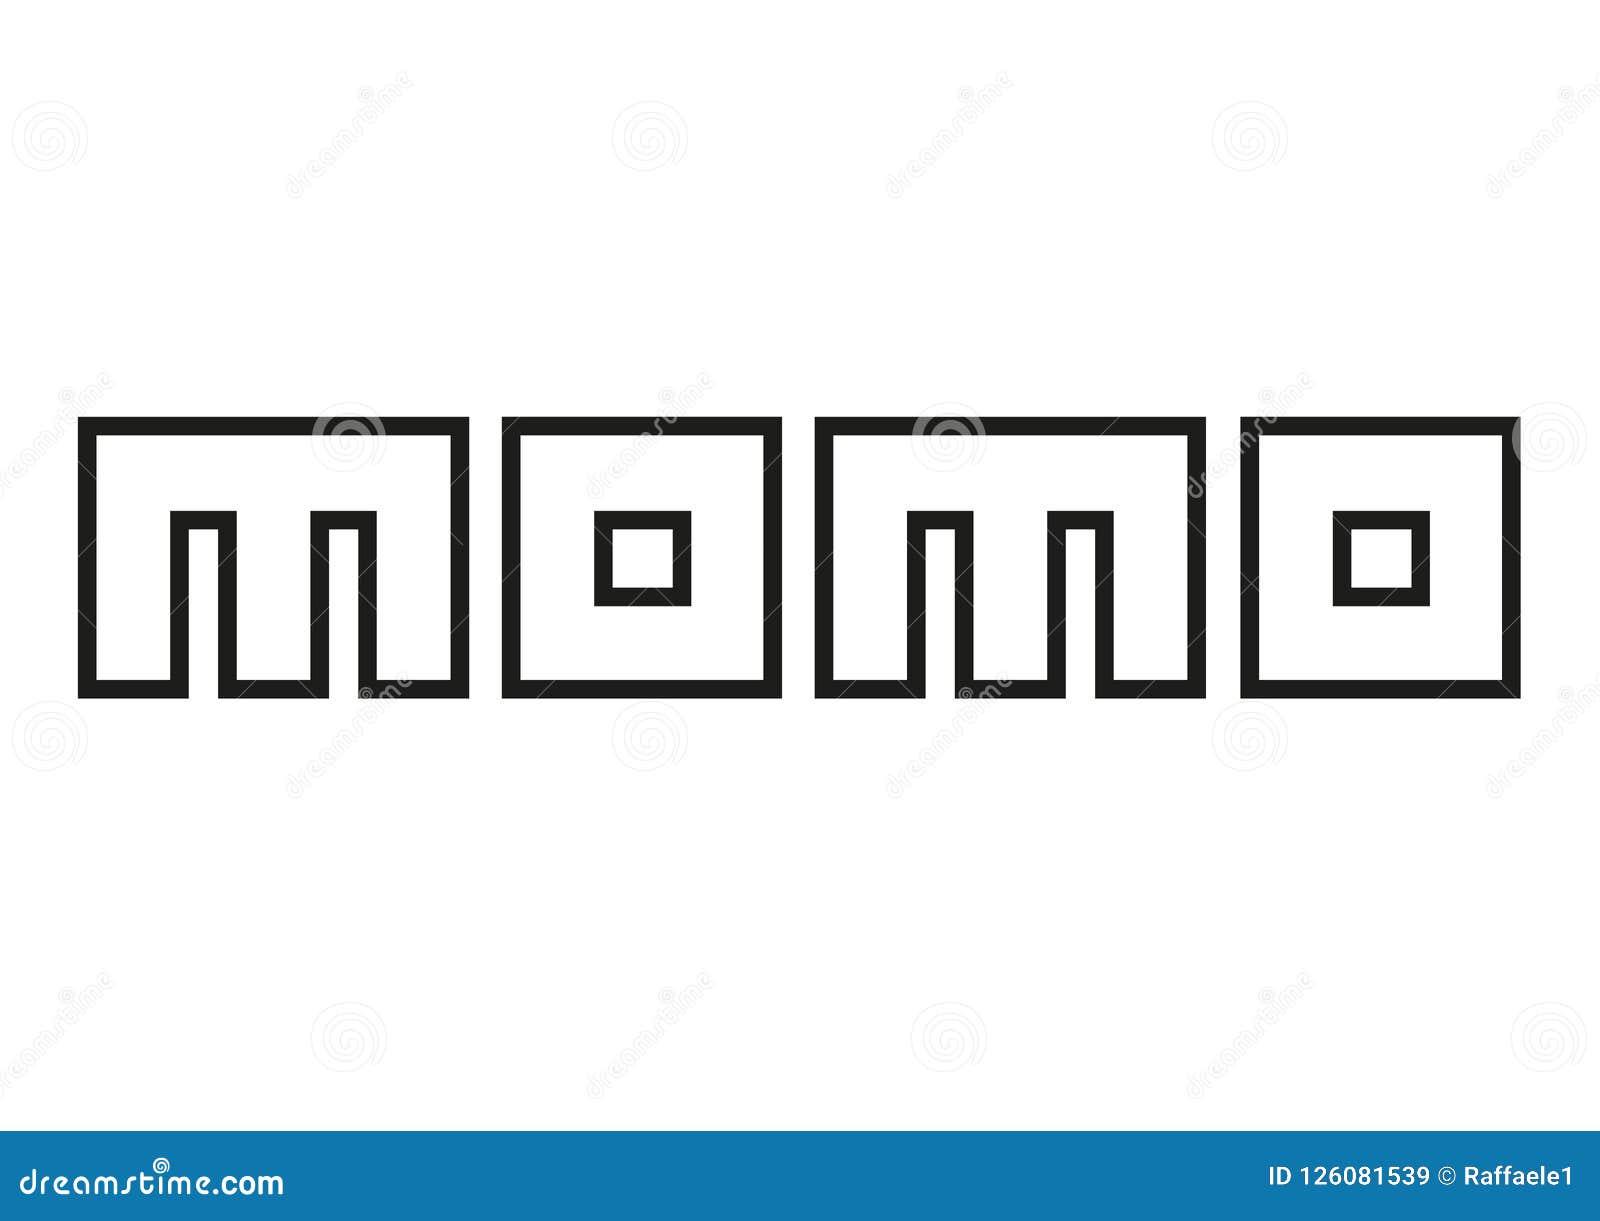 Logo Momo Imagem De Stock Editorial Ilustracao De Carro 126081539